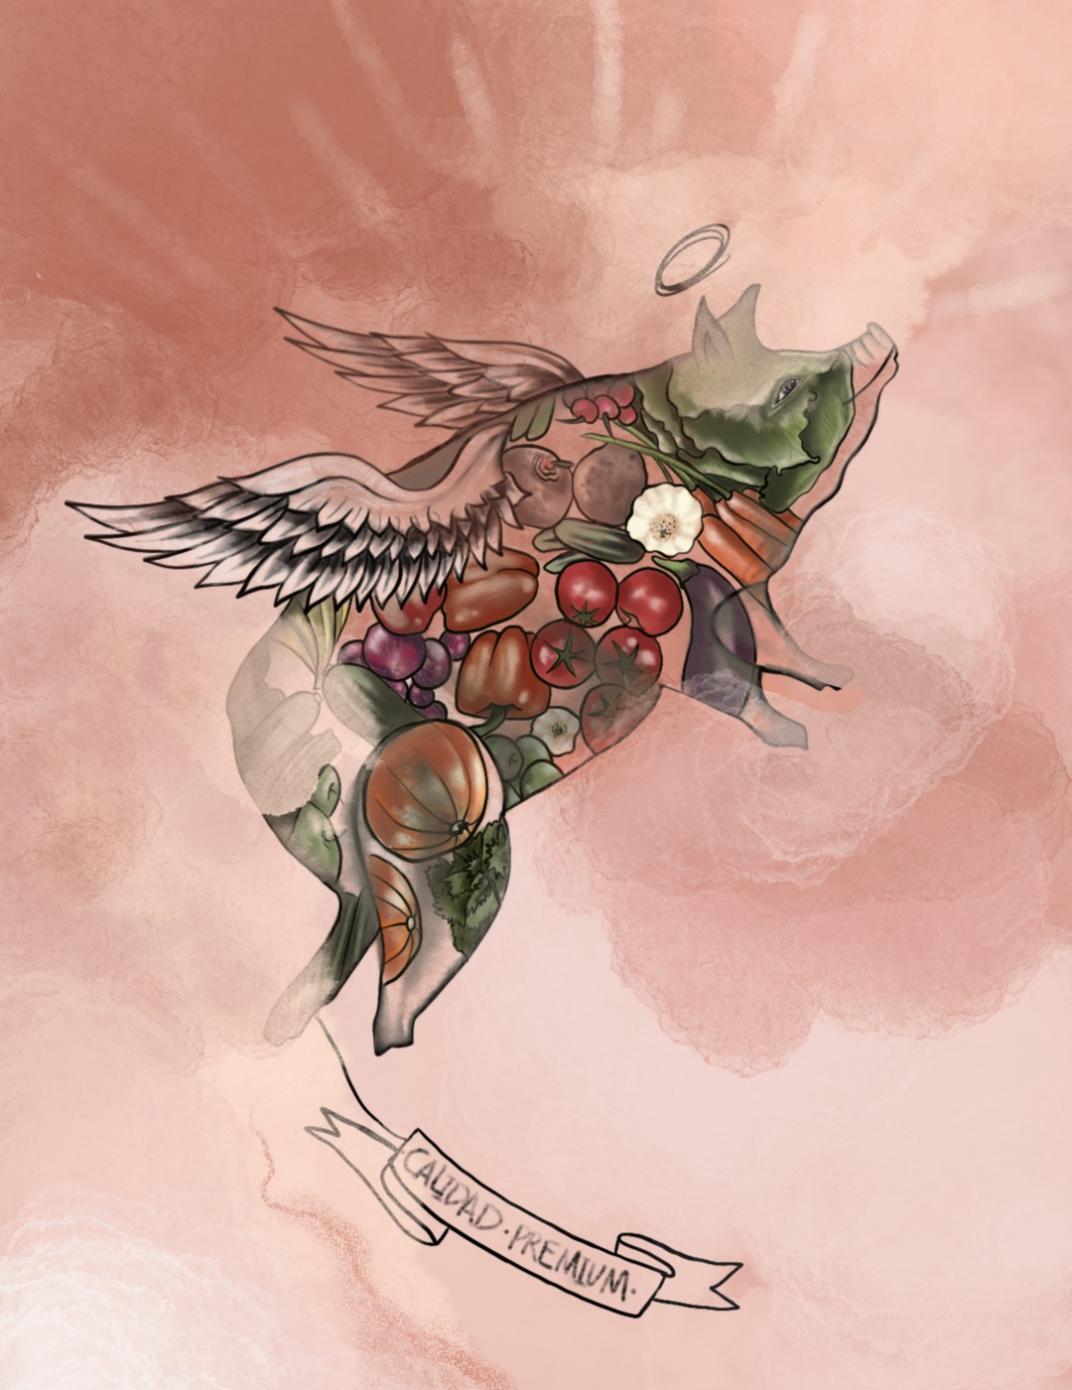 Alimentos orgánicos, una columna de Mario Víctor Vázquez ilustrada por Lina Arias